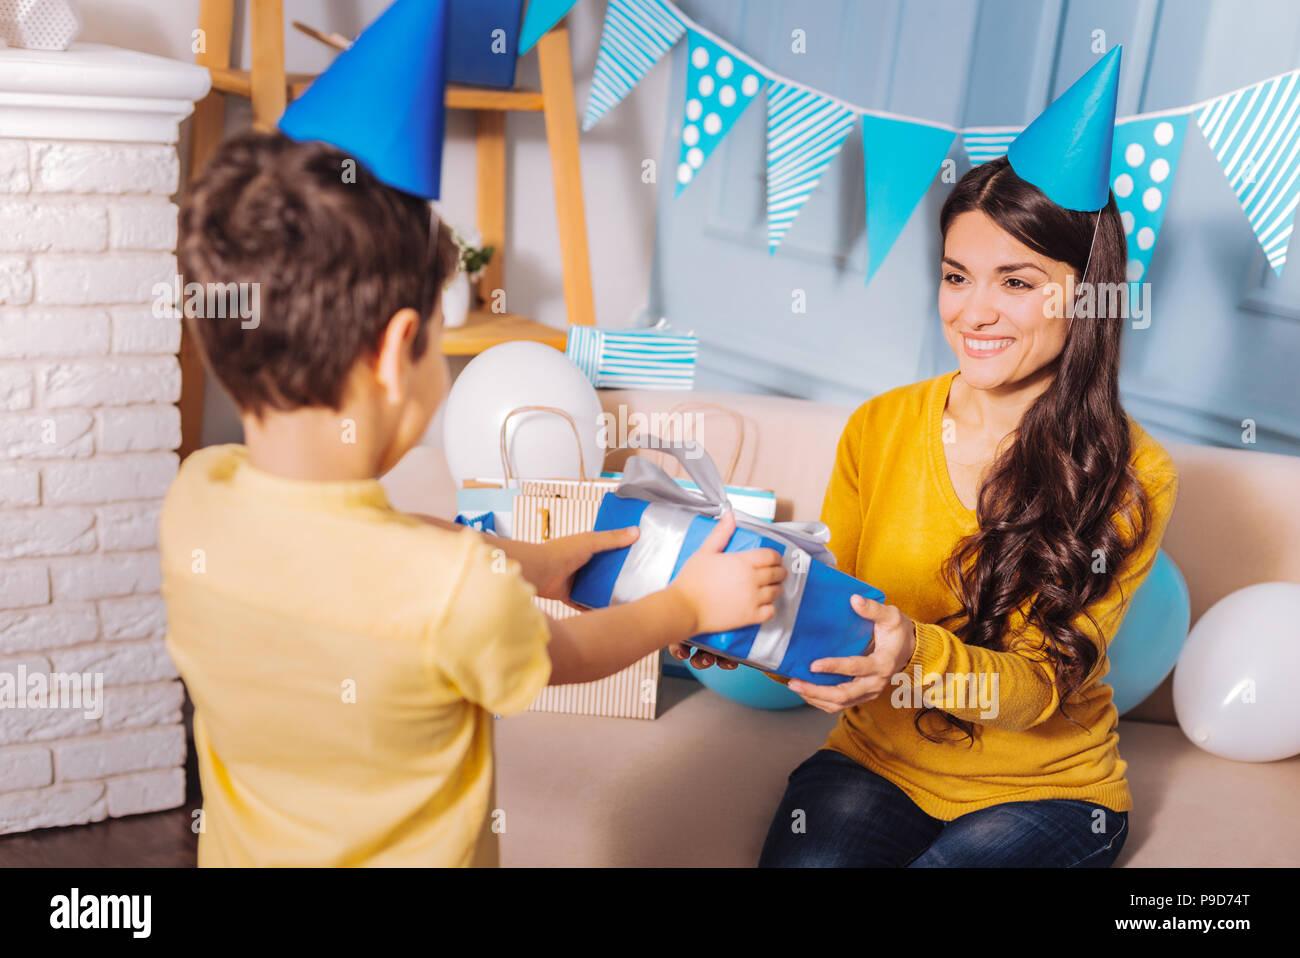 Complace mamá tener fiesta de cumpleaños Imagen De Stock